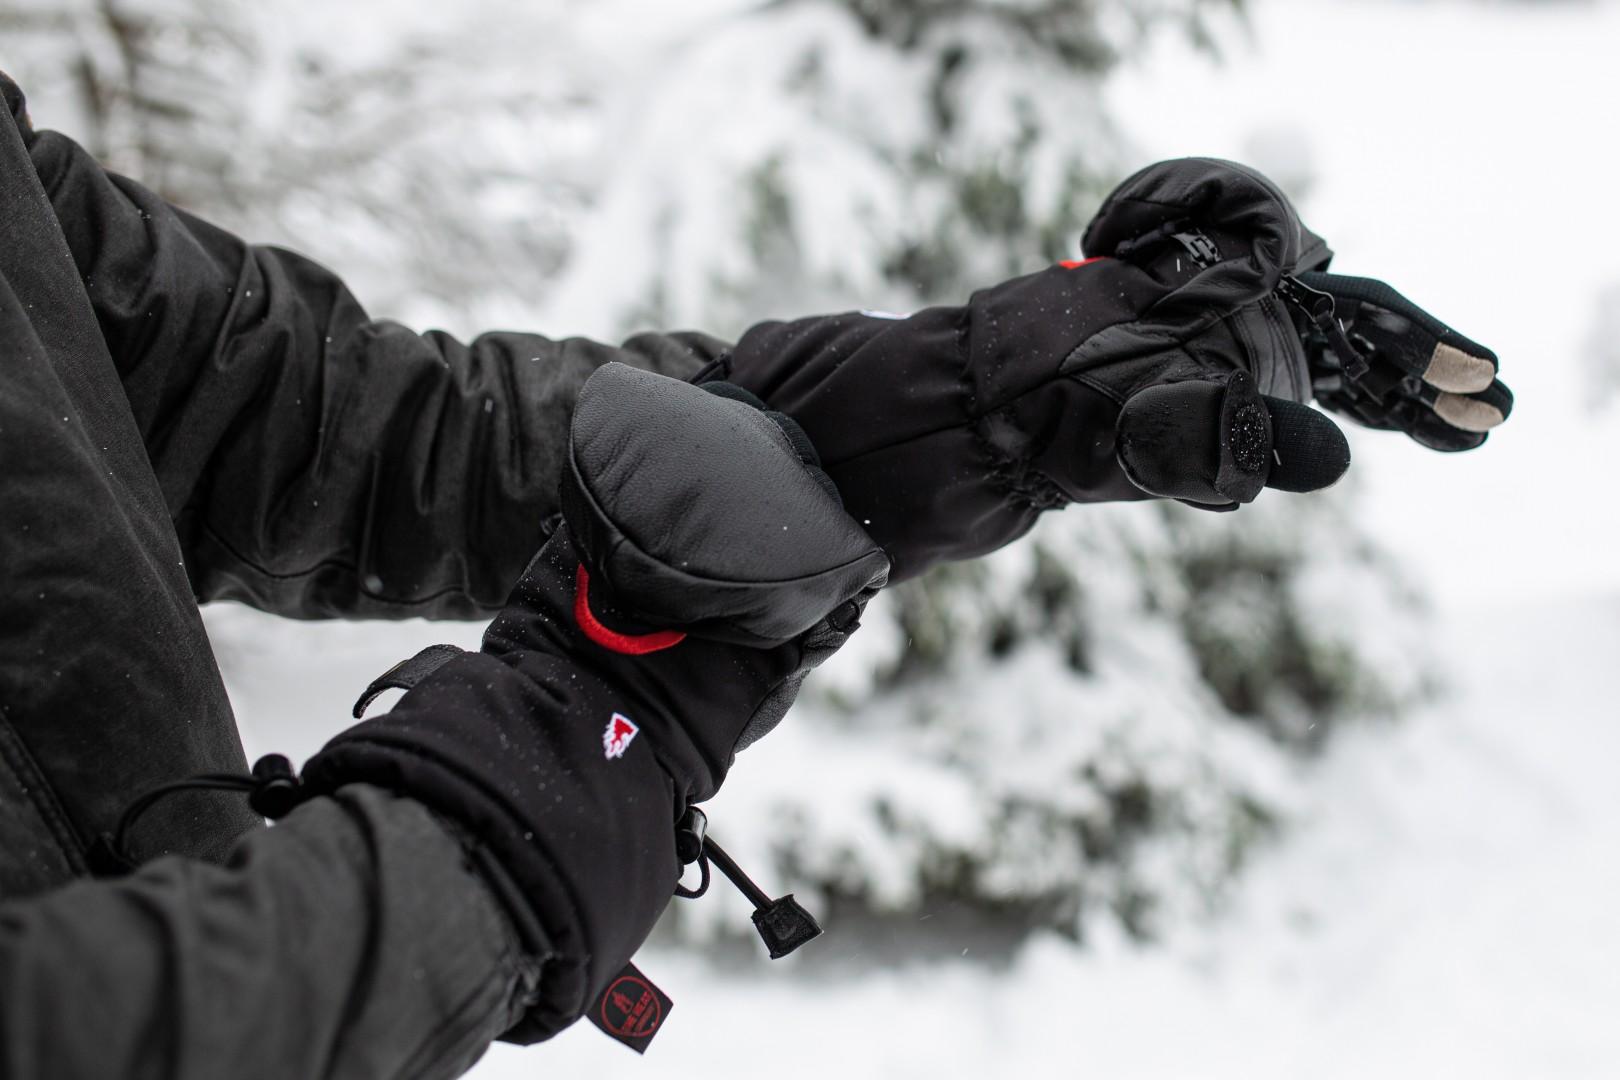 A HEAT 3 SMART PRO glove is flipped back